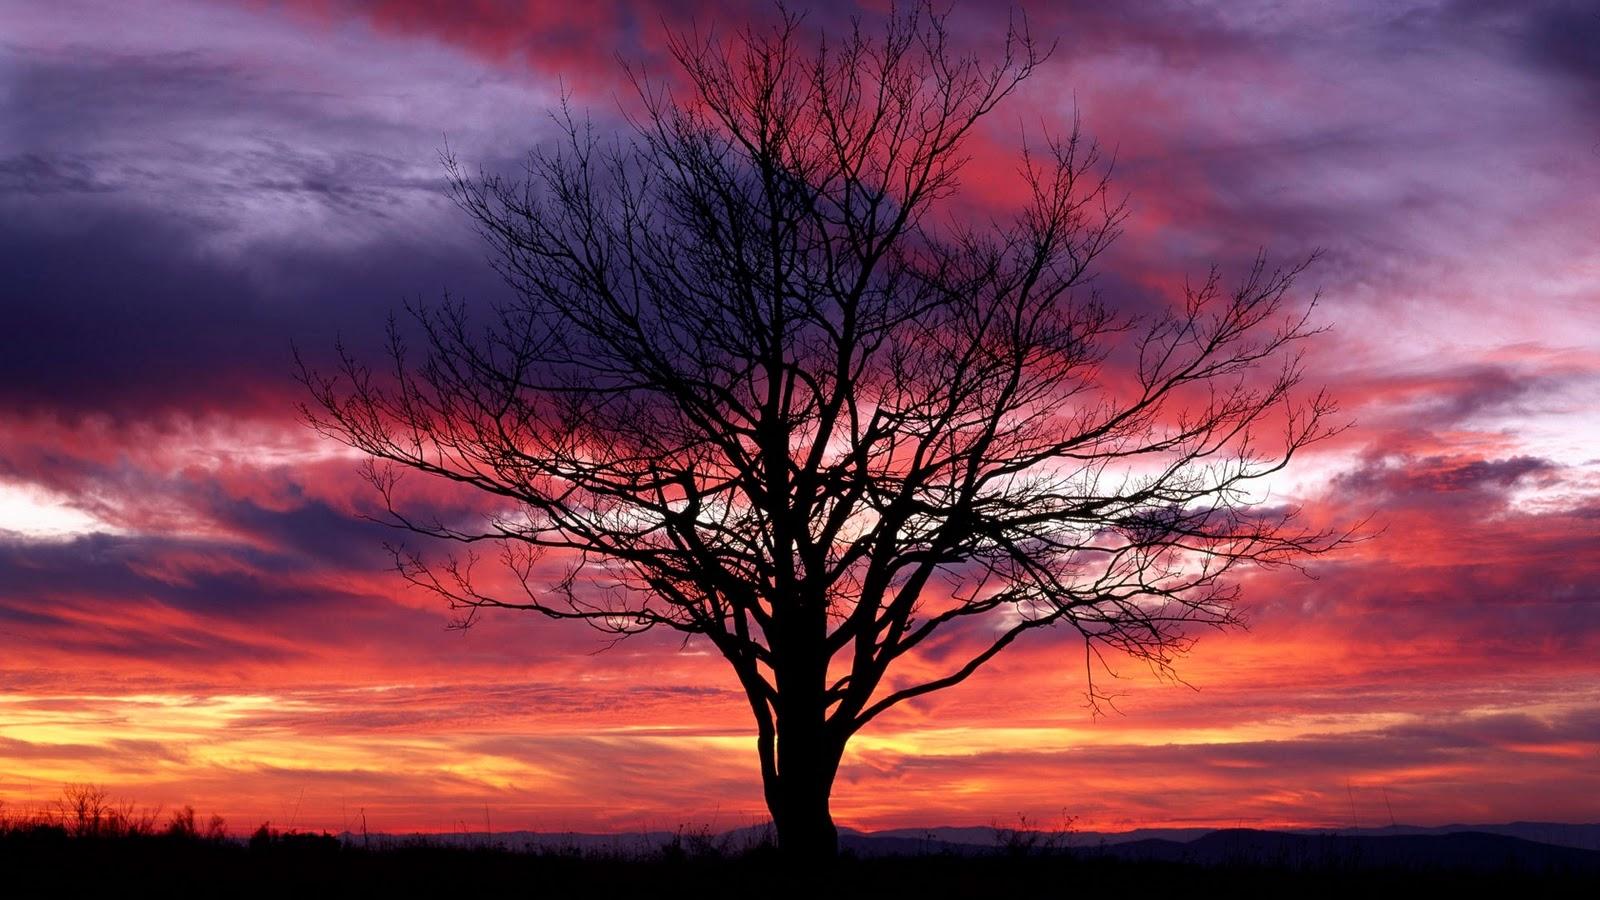 Best Desktop HD Wallpaper - Sunset Wallpapers